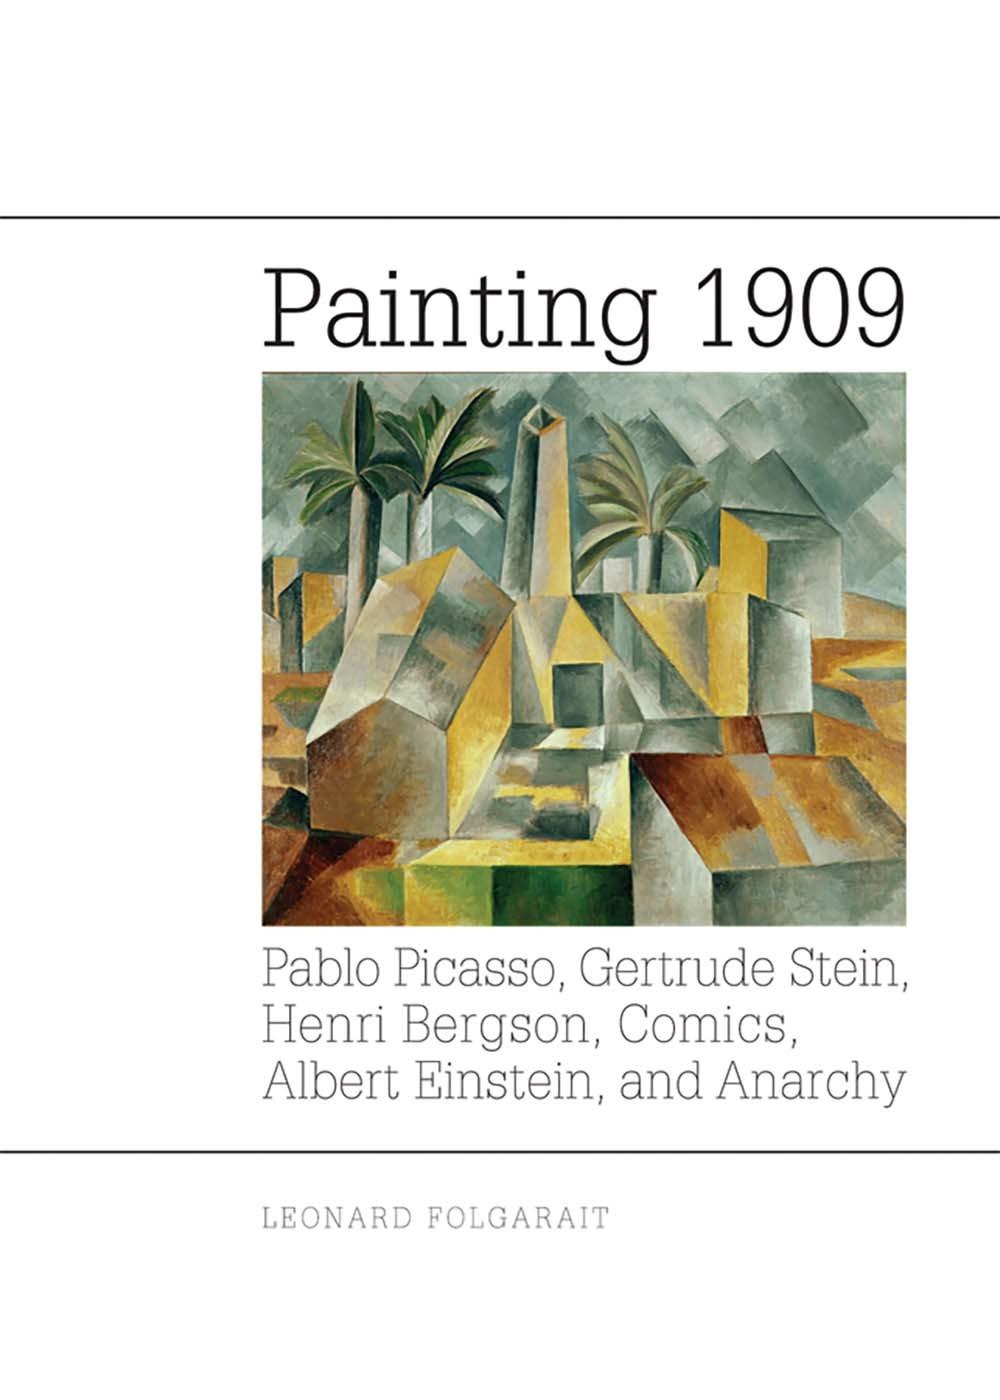 Painting 1909: Pablo Picasso, Gertrude Stein, Henri Bergson, Comics, Albert Einstein, and Anarchy